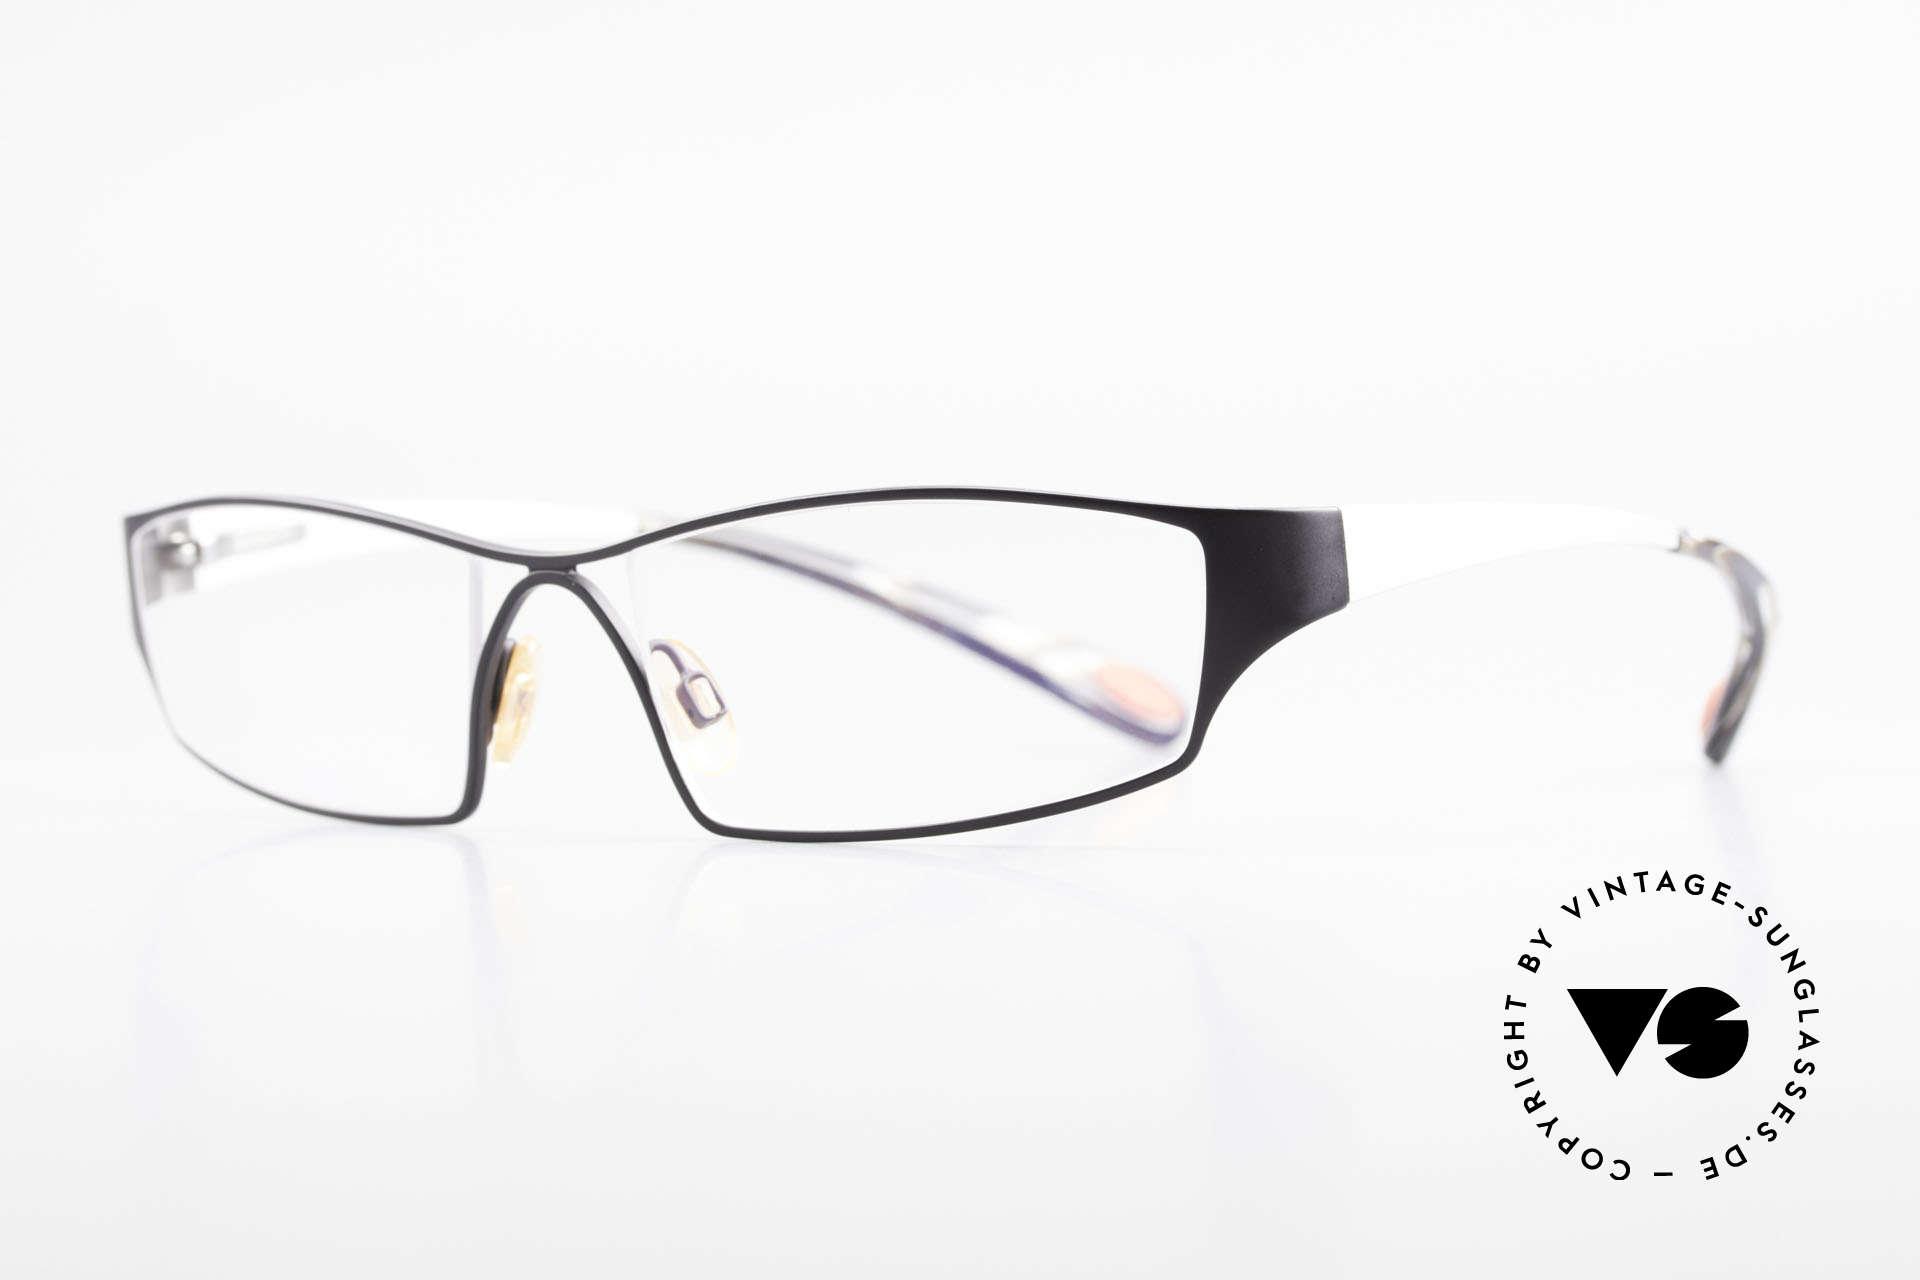 Bugatti 207 Odotype Luxus Herren Designerbrille, high-tech Rahmen mit genialer Glaseinfassung, Passend für Herren